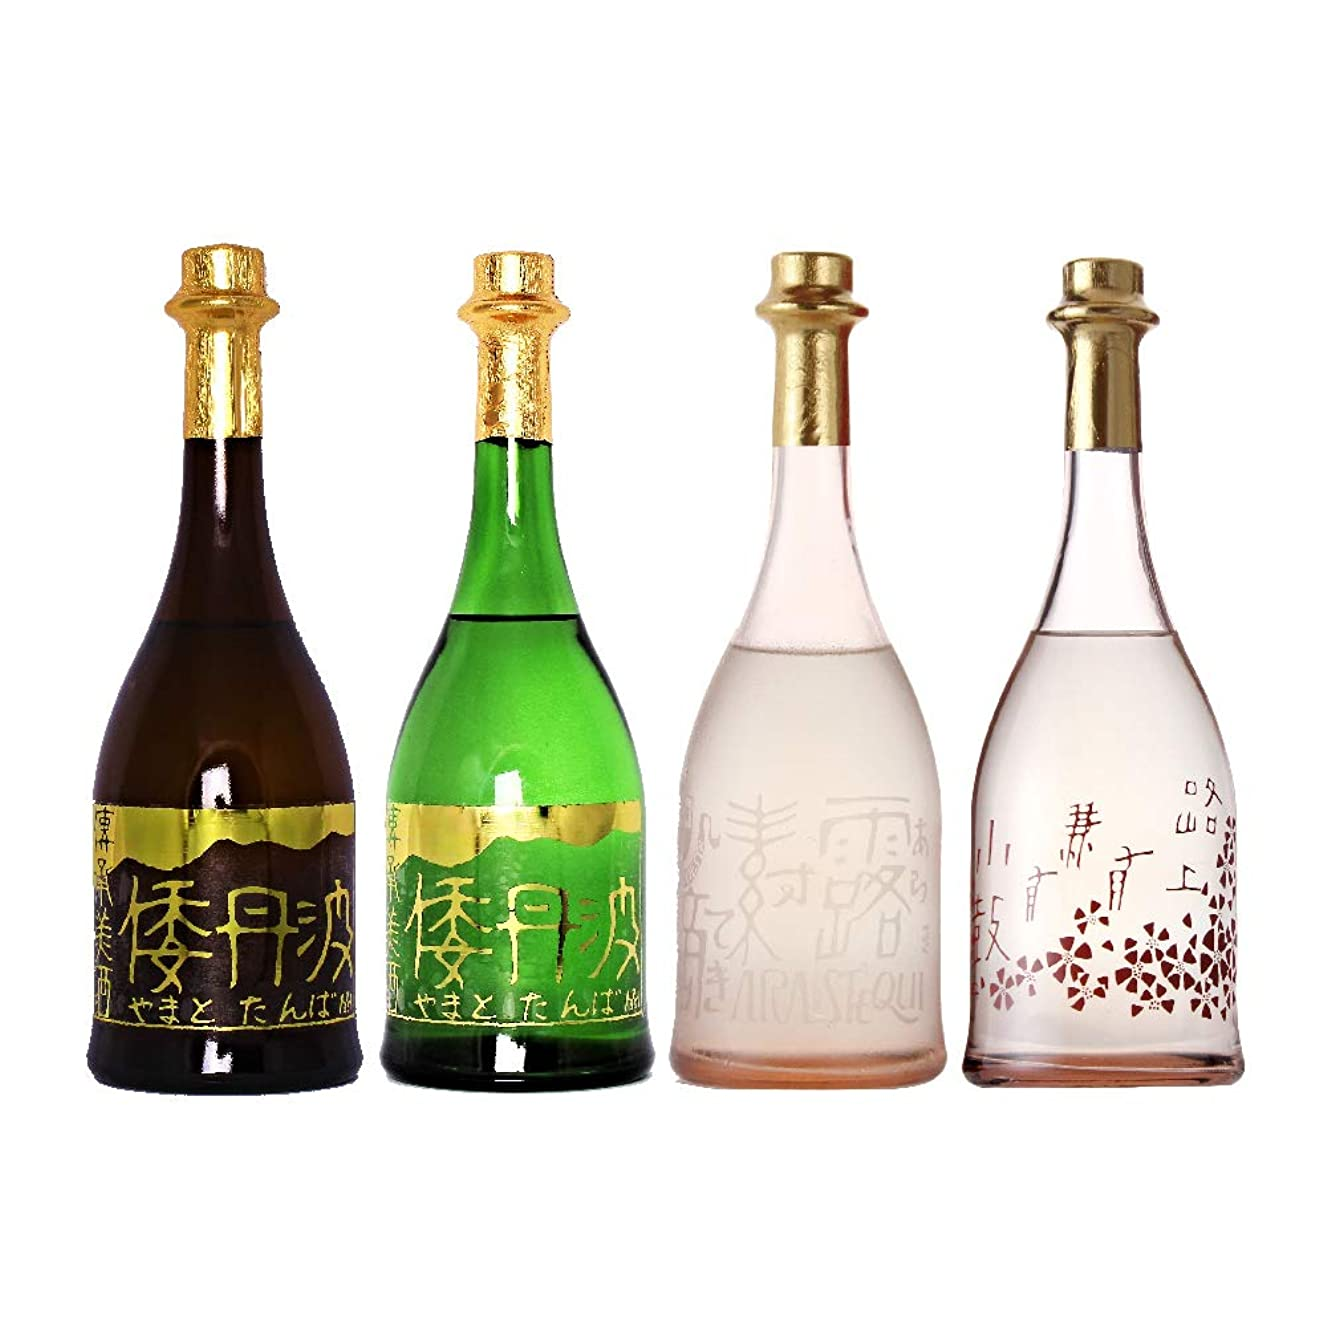 器官ドールオプショナル【日本酒マニア必見】酵母&酒米飲み比べセット 720ml×4本